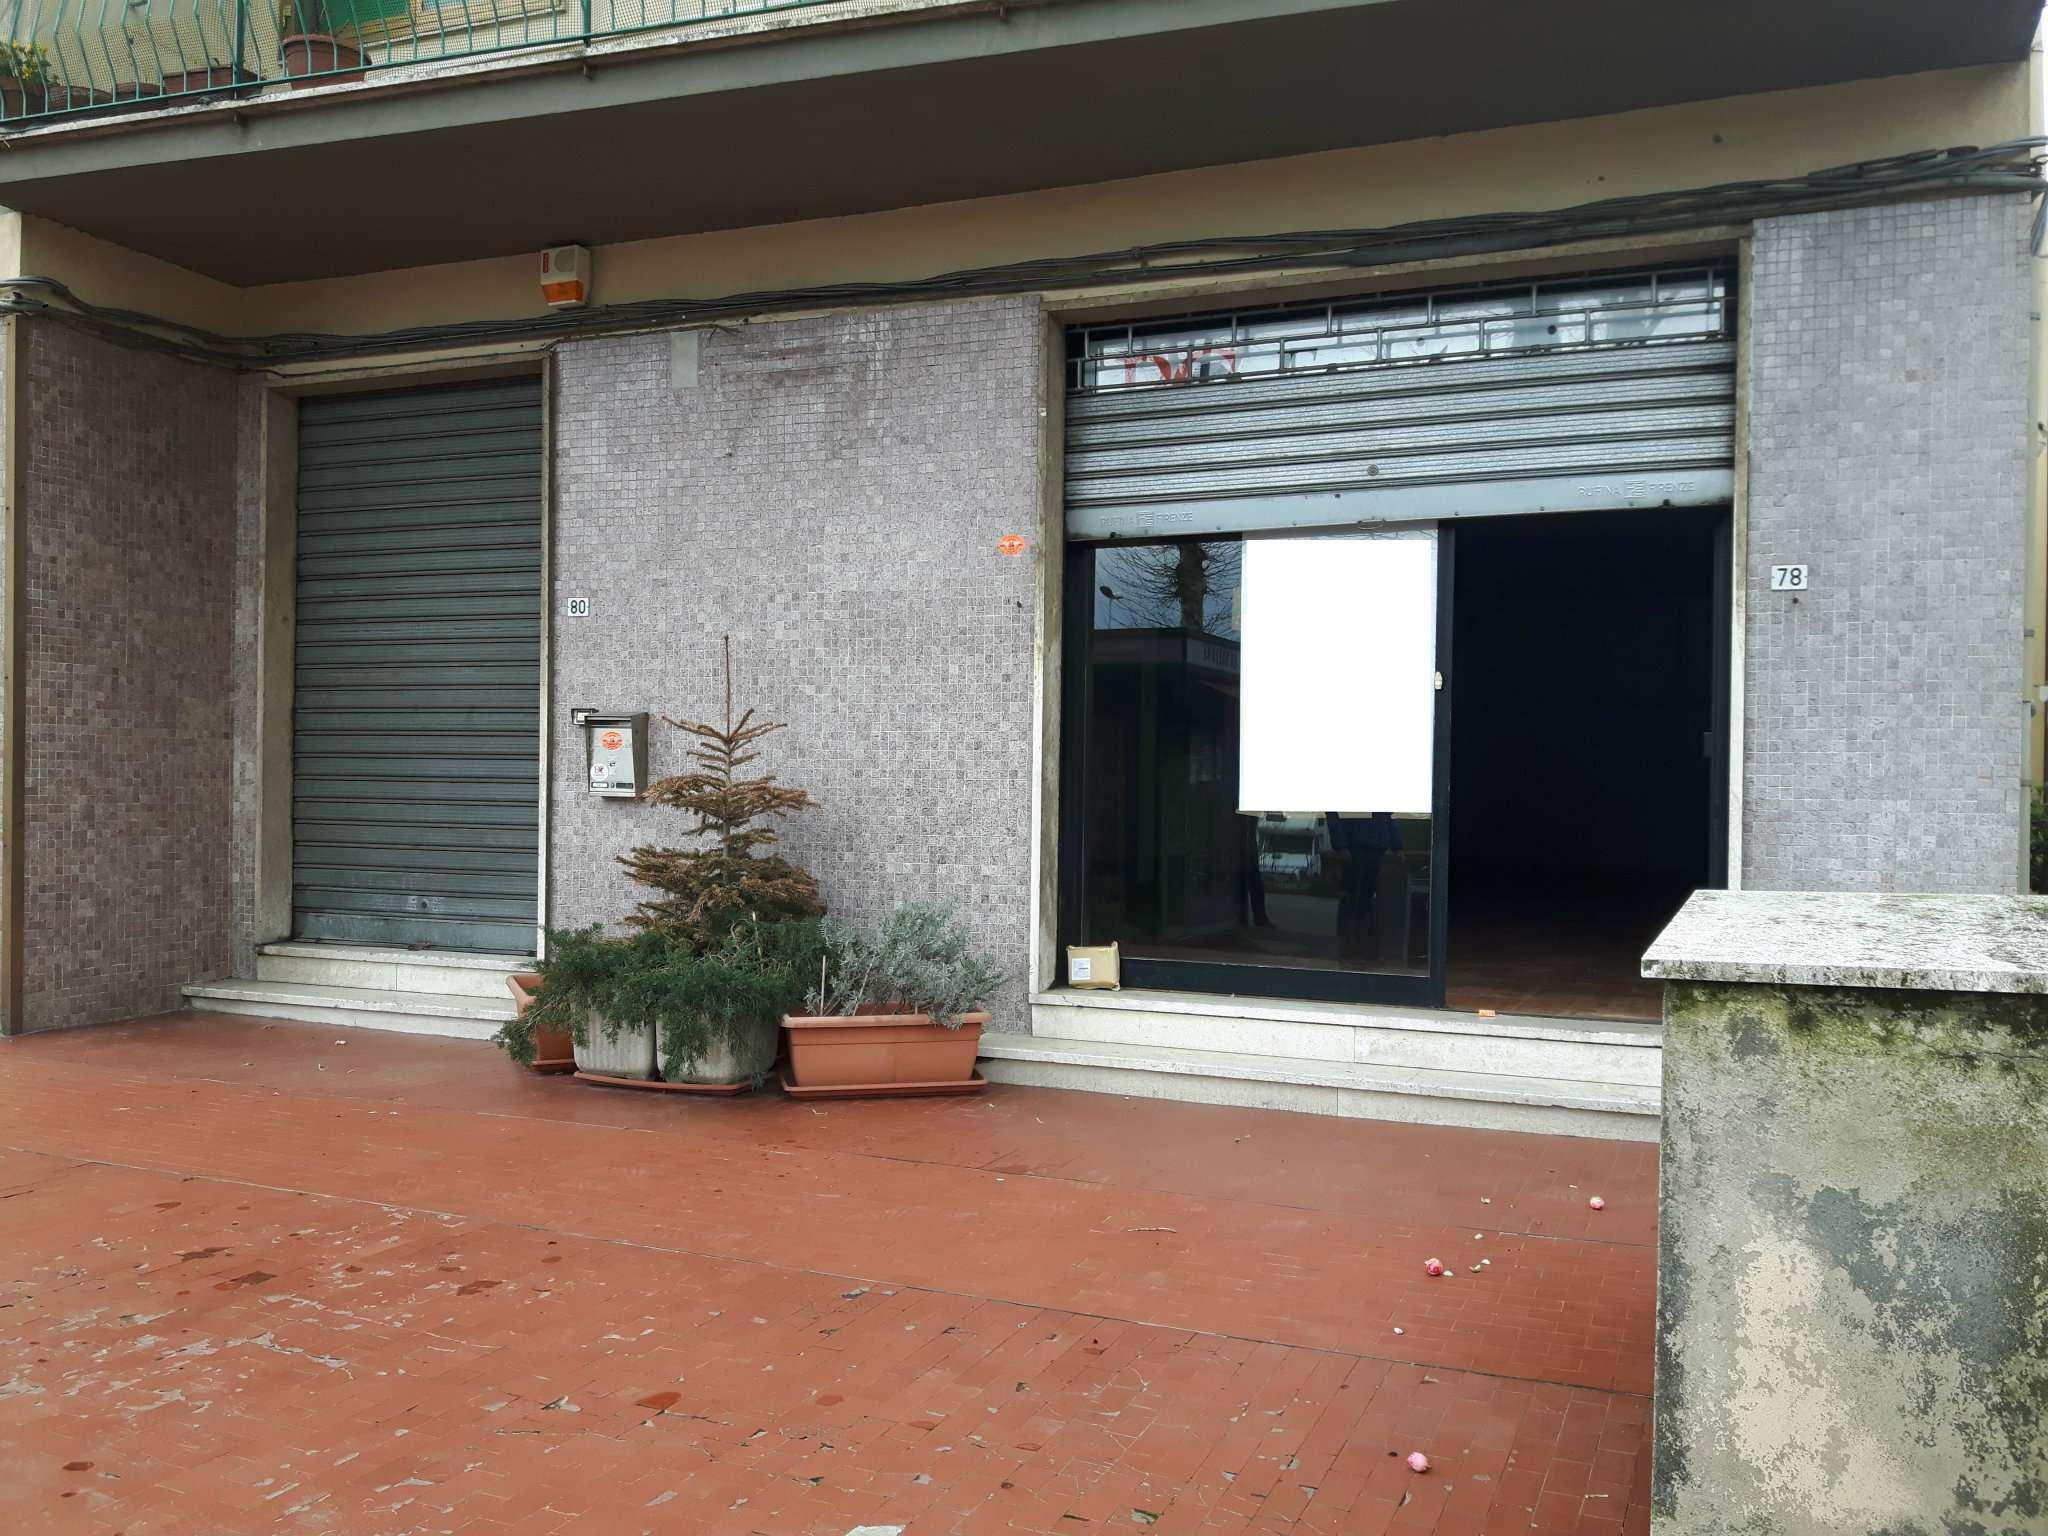 Negozio / Locale in vendita a Campi Bisenzio, 3 locali, prezzo € 145.000 | Cambio Casa.it